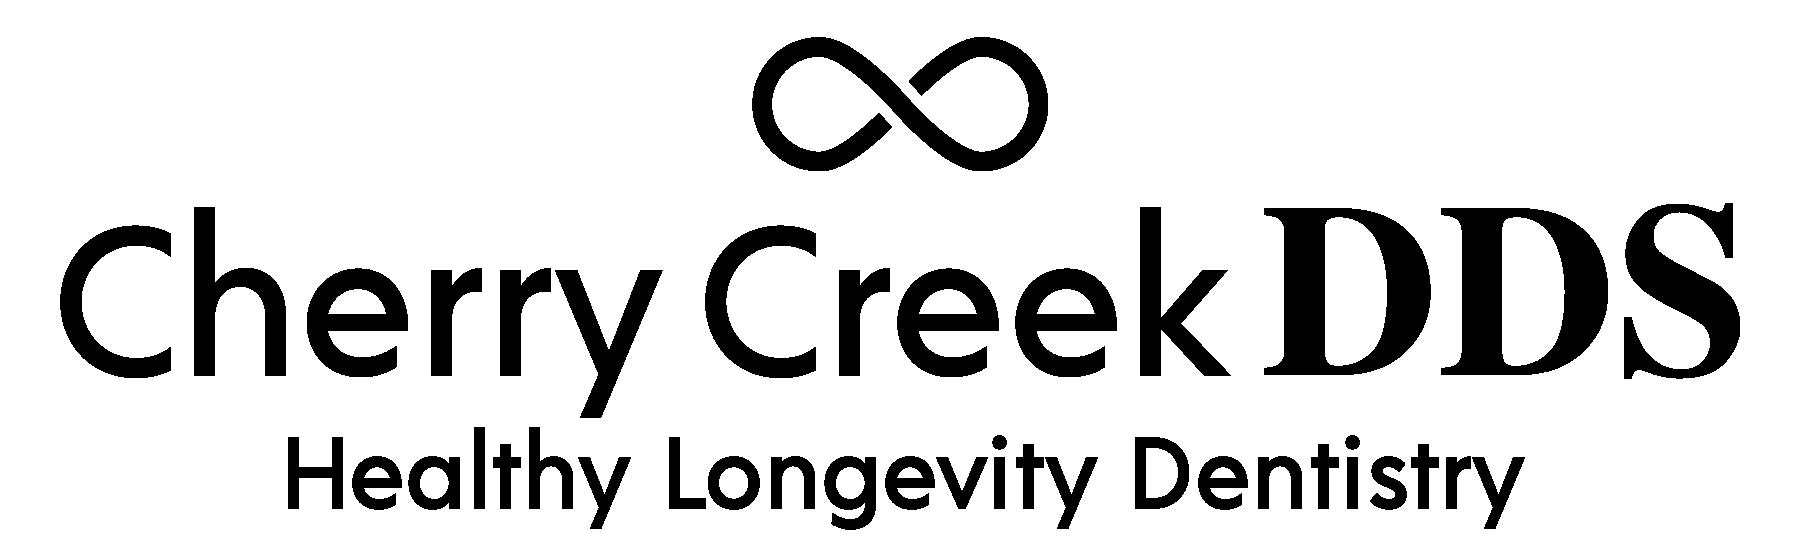 CC-DDS-Logo-081819-01